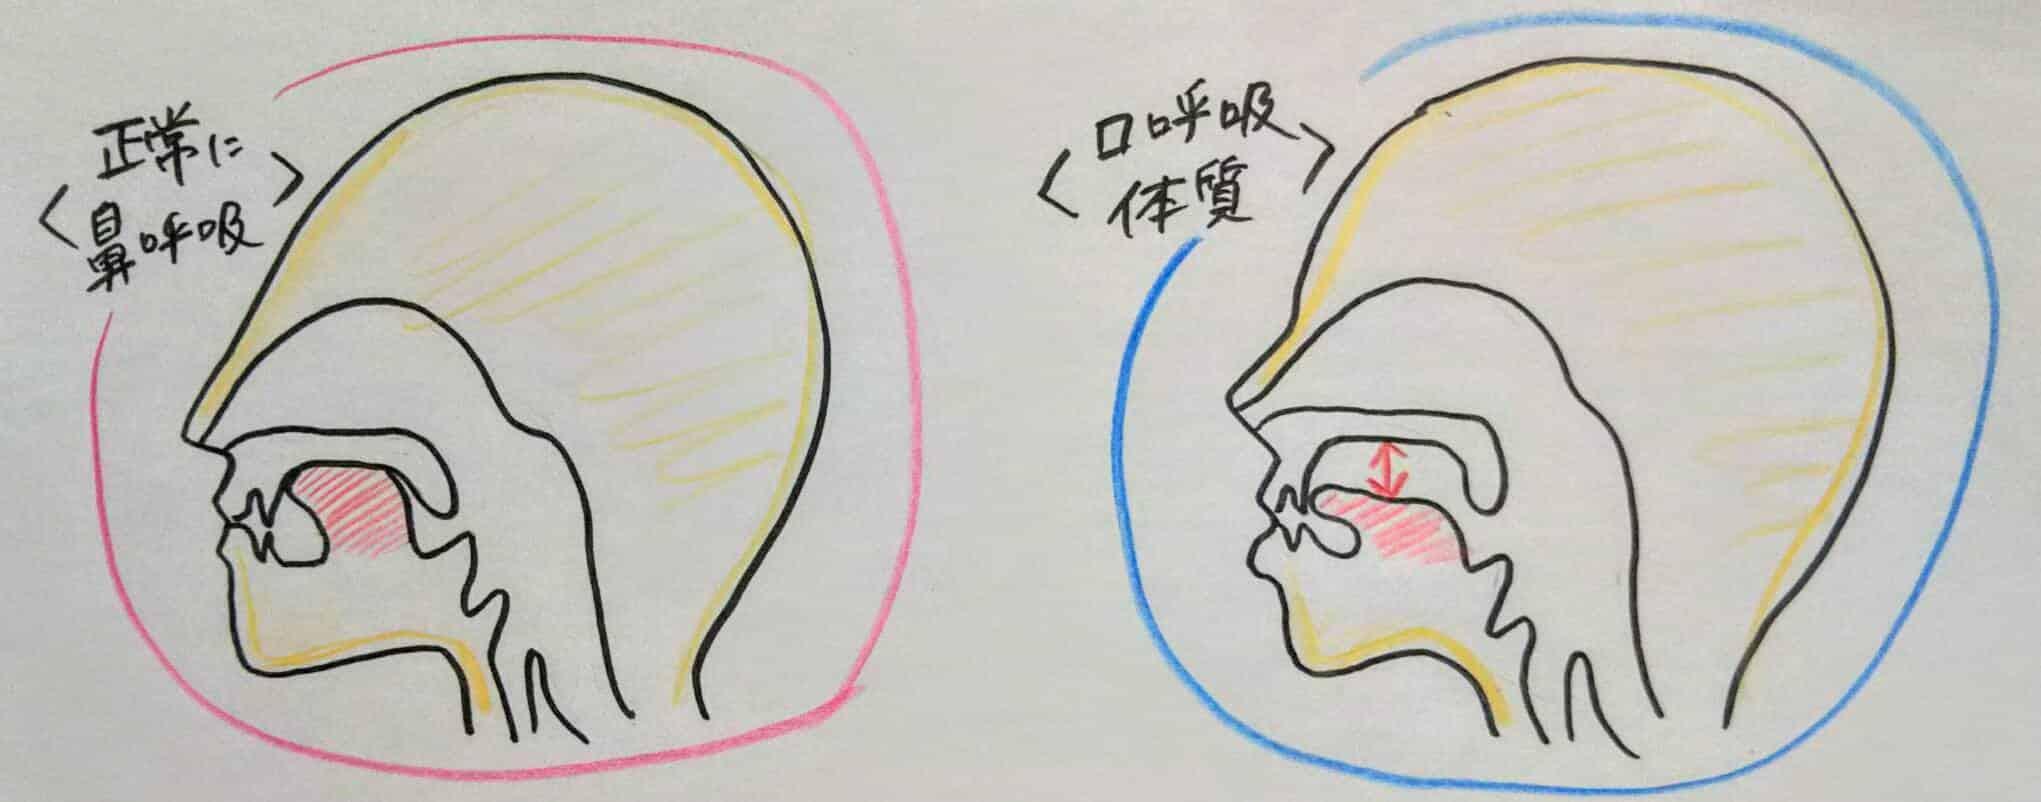 口呼吸 舌の位置